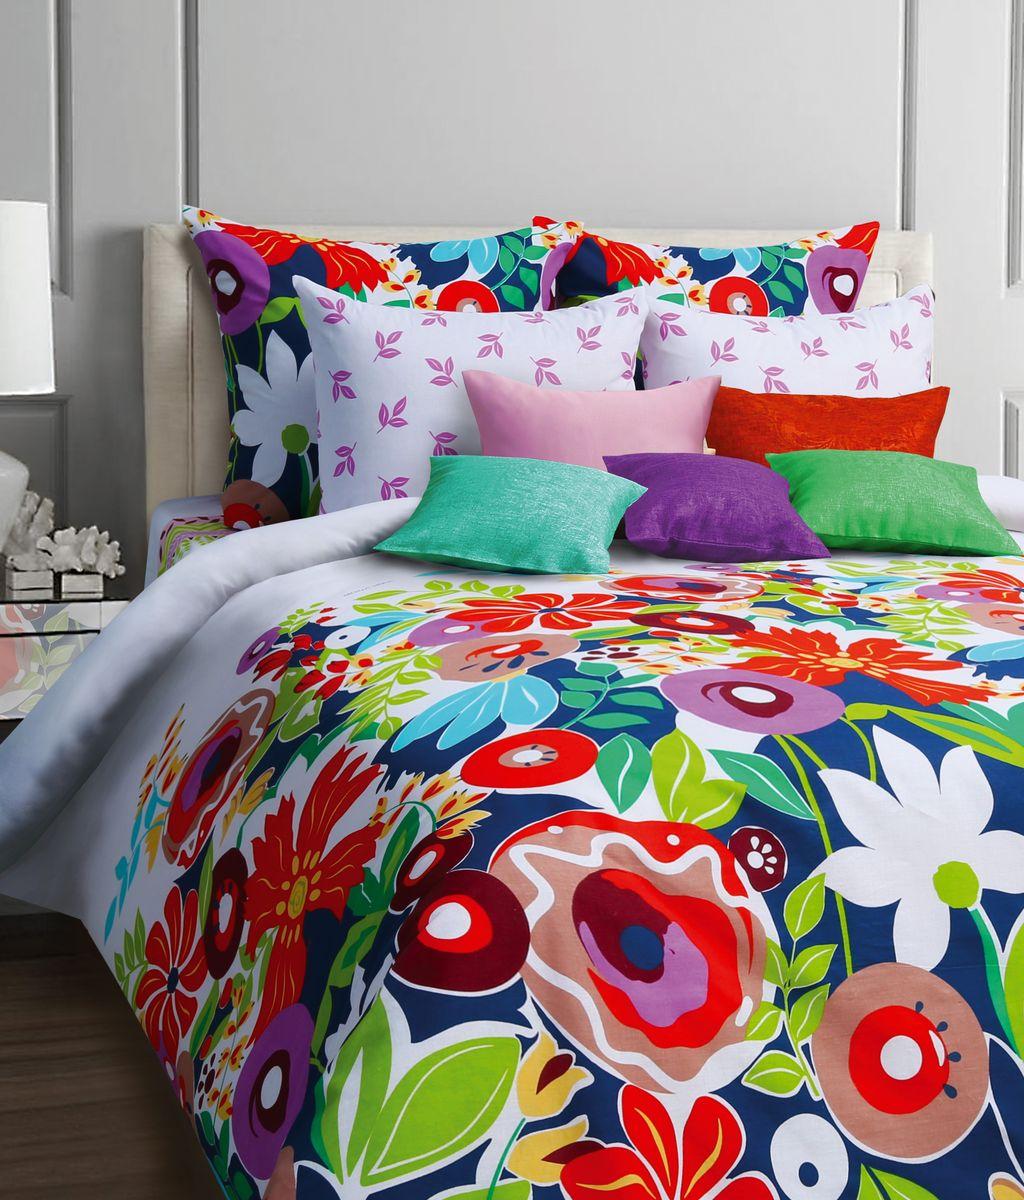 Комплект белья Mona Liza Pampiny, 1,5-спальное, наволочки 70x705378_1/2Комплект постельного белья Mona Liza Pampiny, выполненный из бязи (100% хлопок), состоит из пододеяльника, простыни и двух наволочек. Изделия оформлены оригинальным рисунком.Пододеяльник на пуговицах.Бязь - ткань полотняного переплетения с незначительной сминаемостью, хорошо сохраняющая цвет при стирке, легкая, с прекрасными гигиеническими показателями.Такой комплект подойдет для любого стилевого и цветового решения интерьера, а также создаст в доме уют.